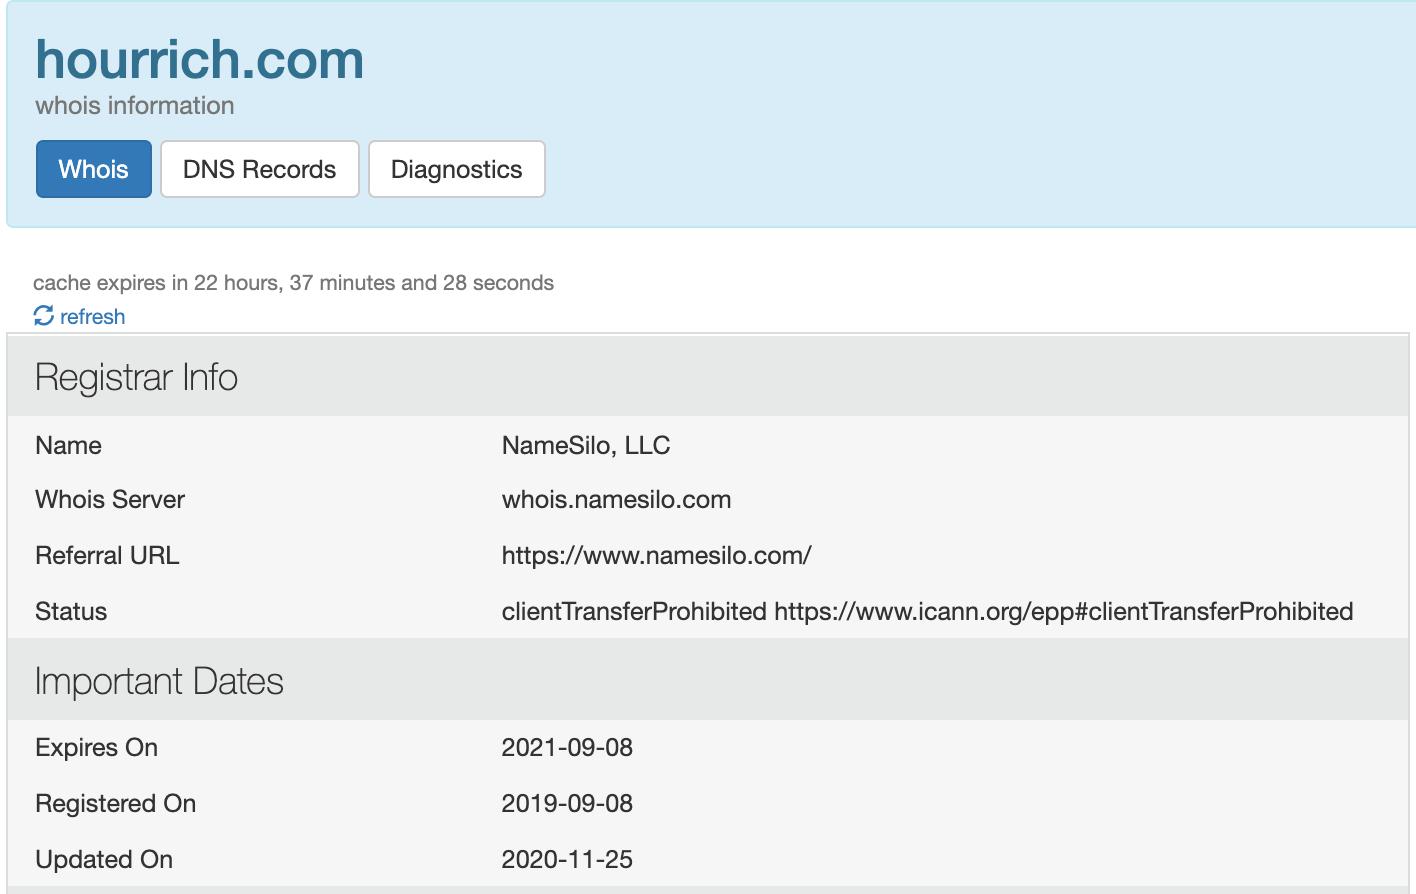 HourRich Domain